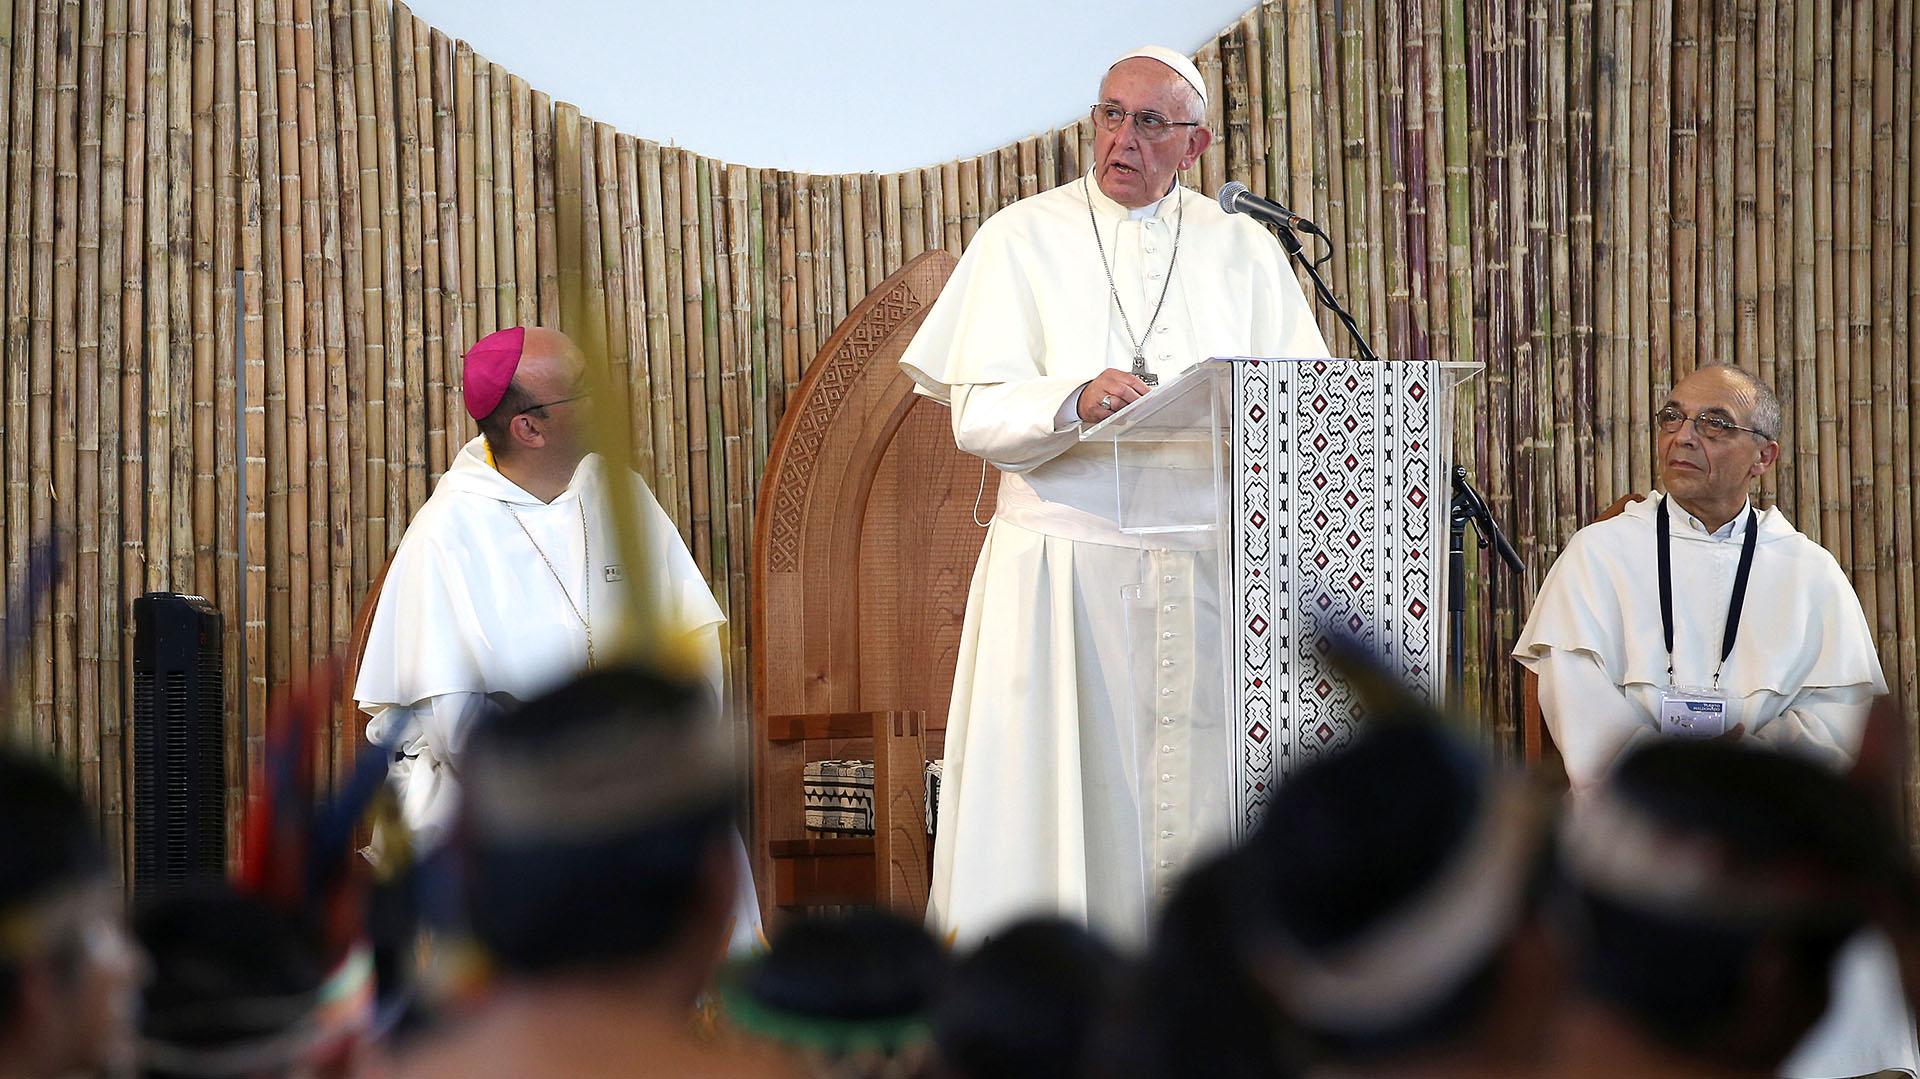 Durante su discurso, el Papa criticó a las empresas que explotan los recursos naturales de la región de la Amazonia